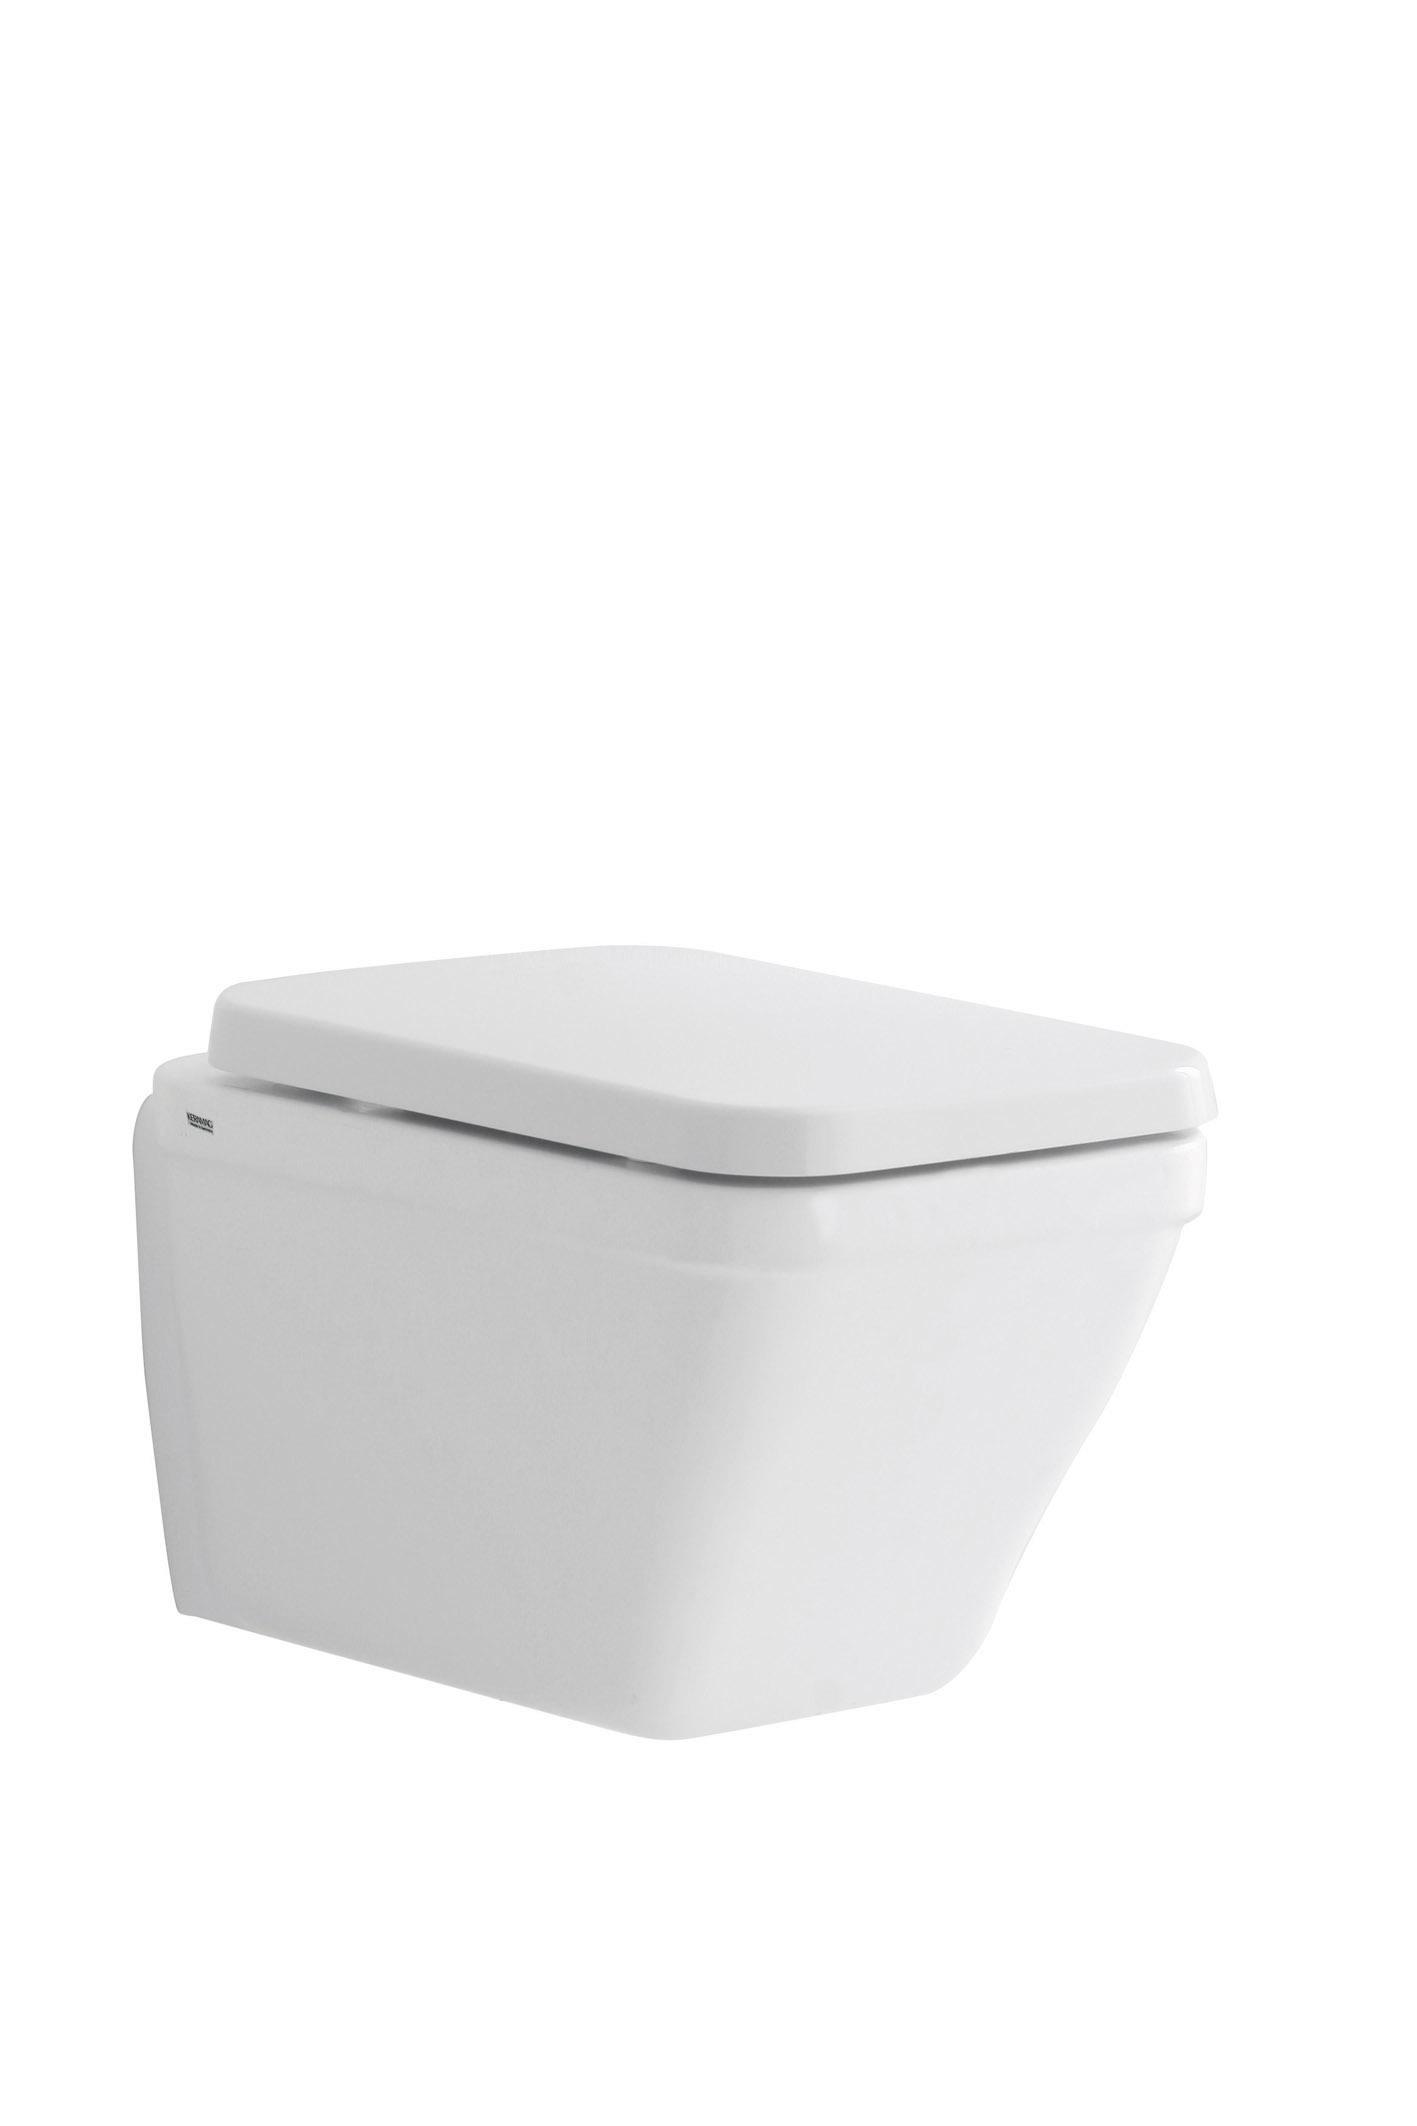 wc/klozety KERAMAG Era WC závěsné KT